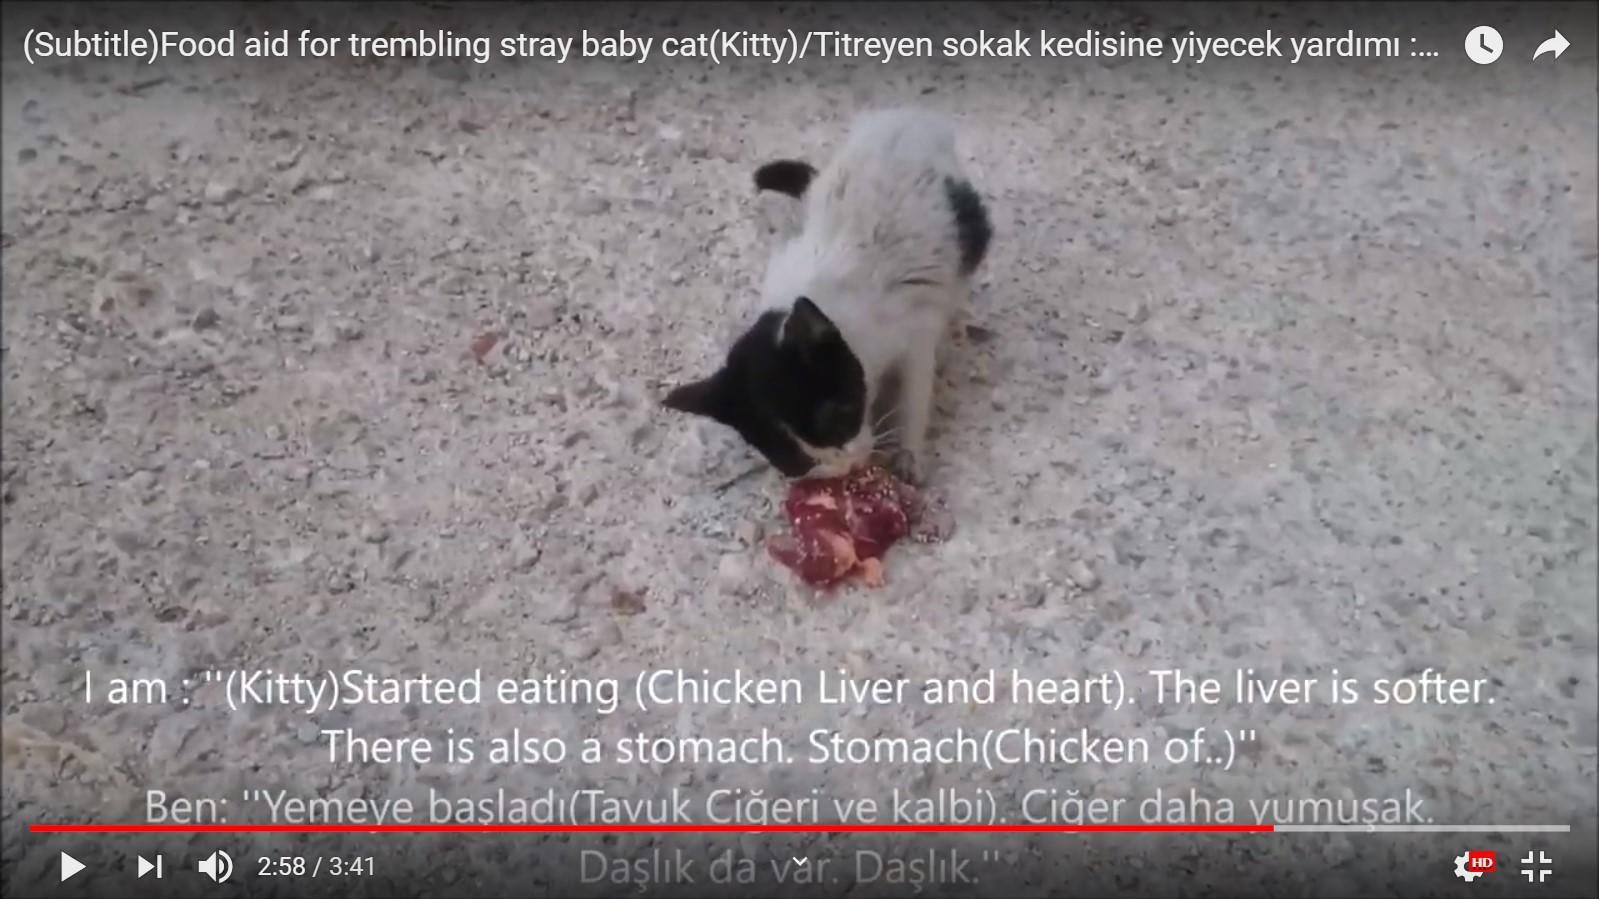 Zavallı titreyen yavru sokak kedisine yardım yemek vermek tavuk ciğeri kalbi daşlık  Scre...jpg